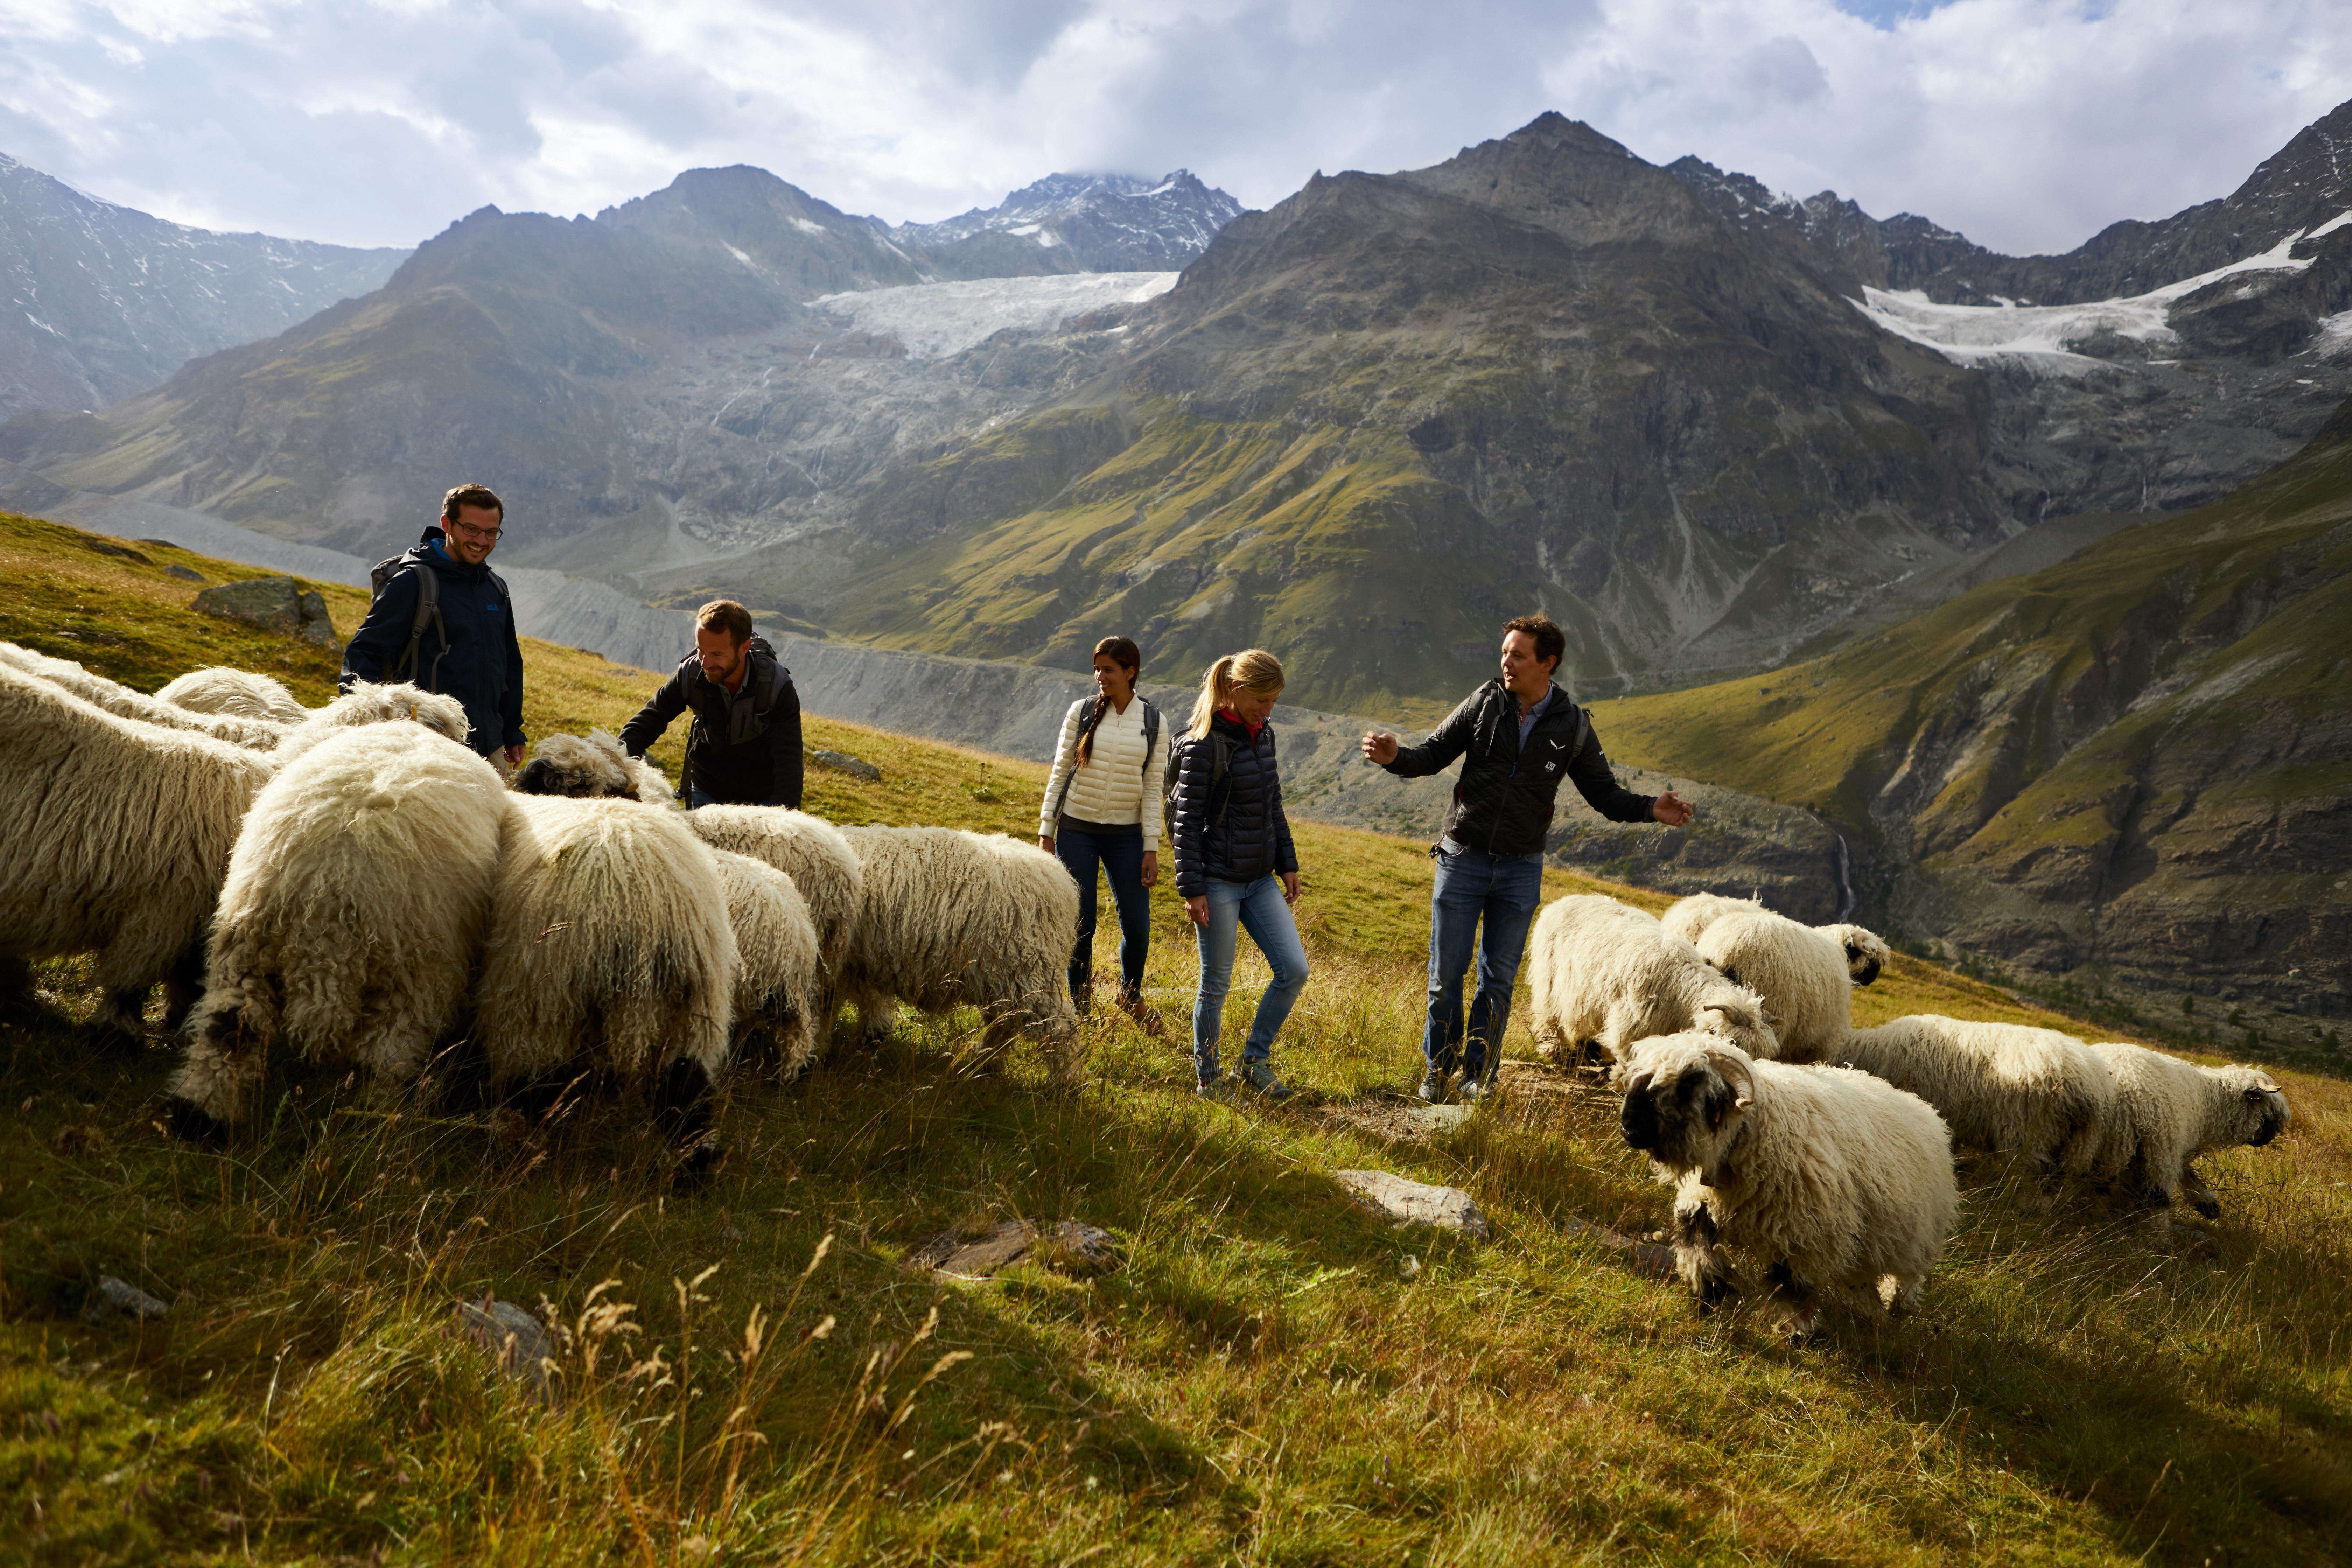 Balades insolites avec des animaux insolites - A la rencontre des moutons à nez noir avec Tradition Julen Zermatt AG